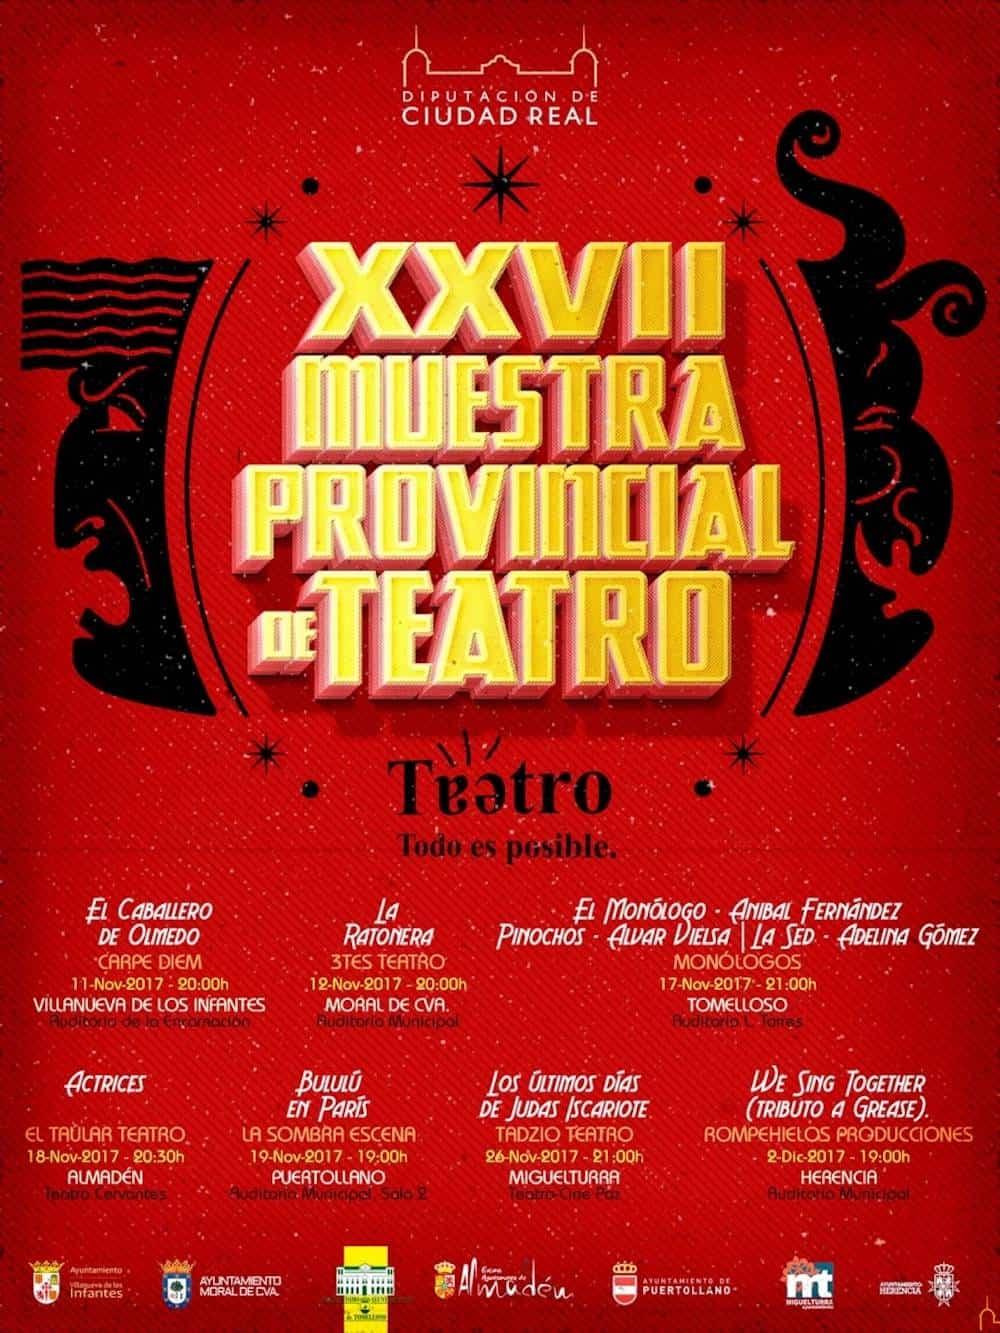 XXVII Muestra Provincial de Teatro de la Diputación concluirá en Herencia 5